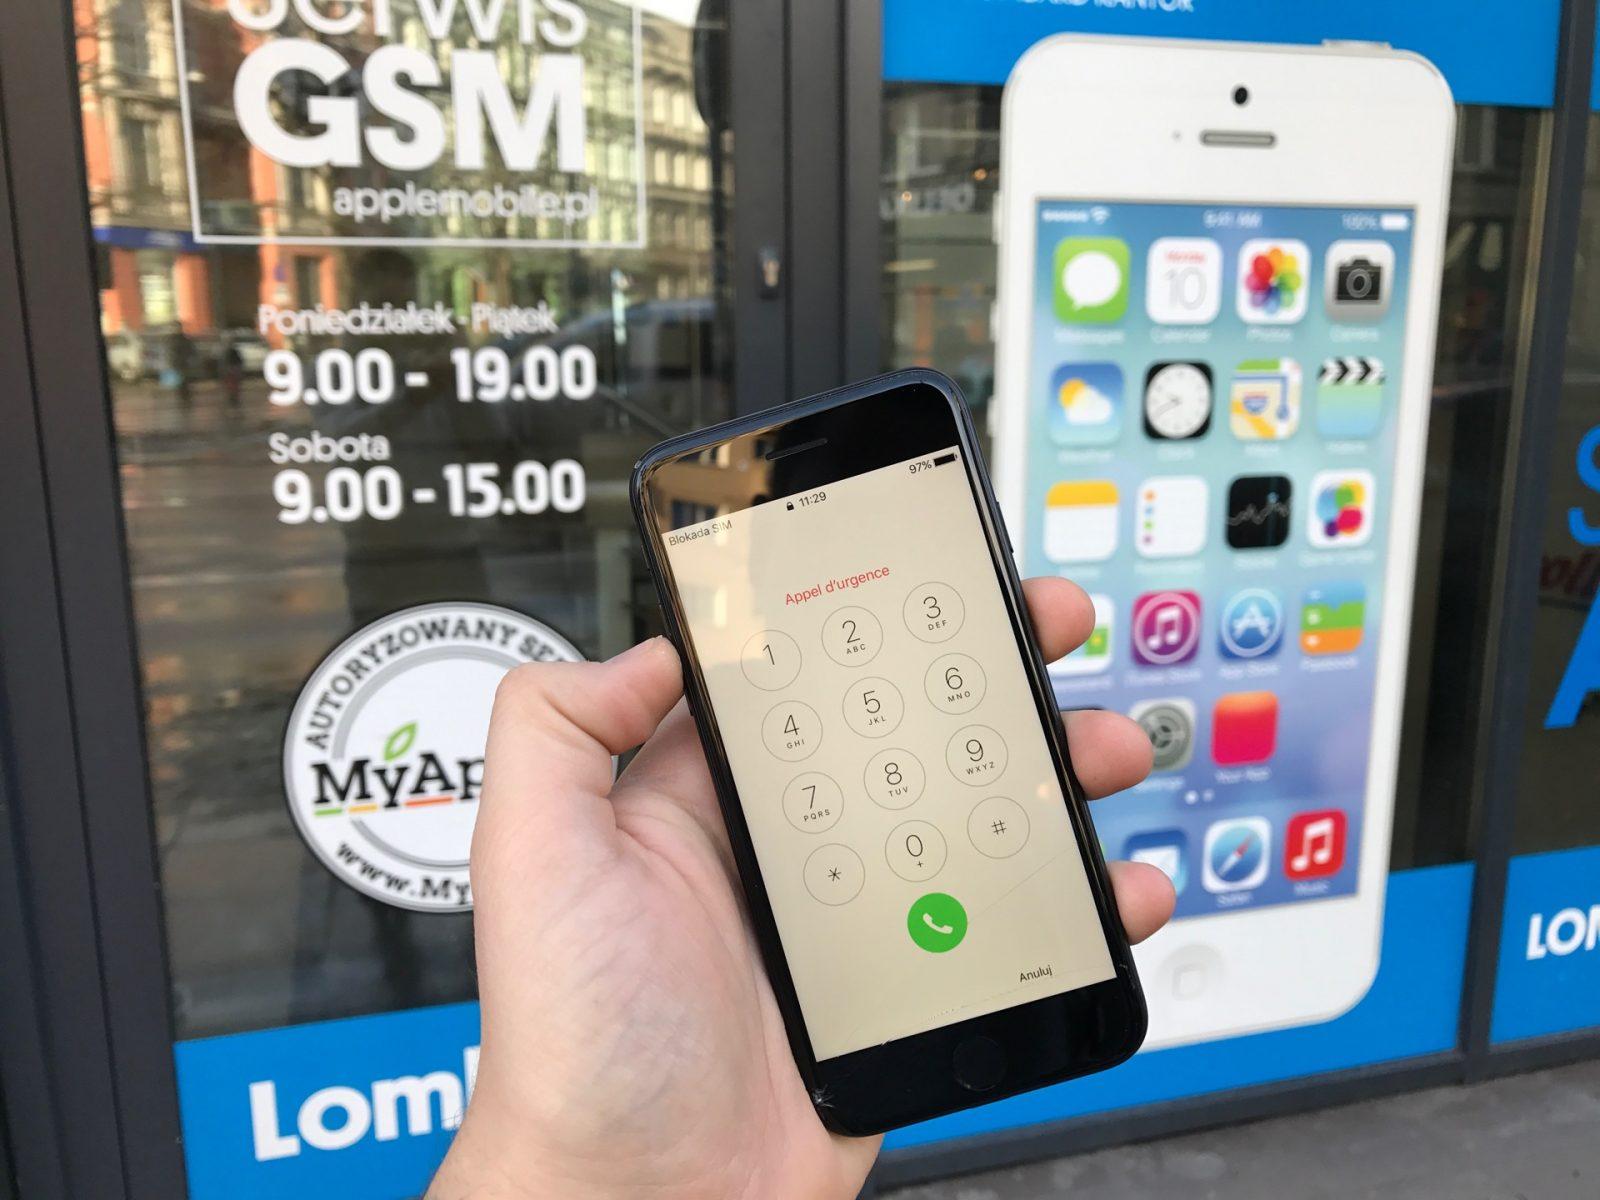 Zbita szybka w iPhone 7? Gdzie naprawić iPhone 7 w Szczecinie? W Serwis iPhone Szczecin APPLEMOBILE.PL